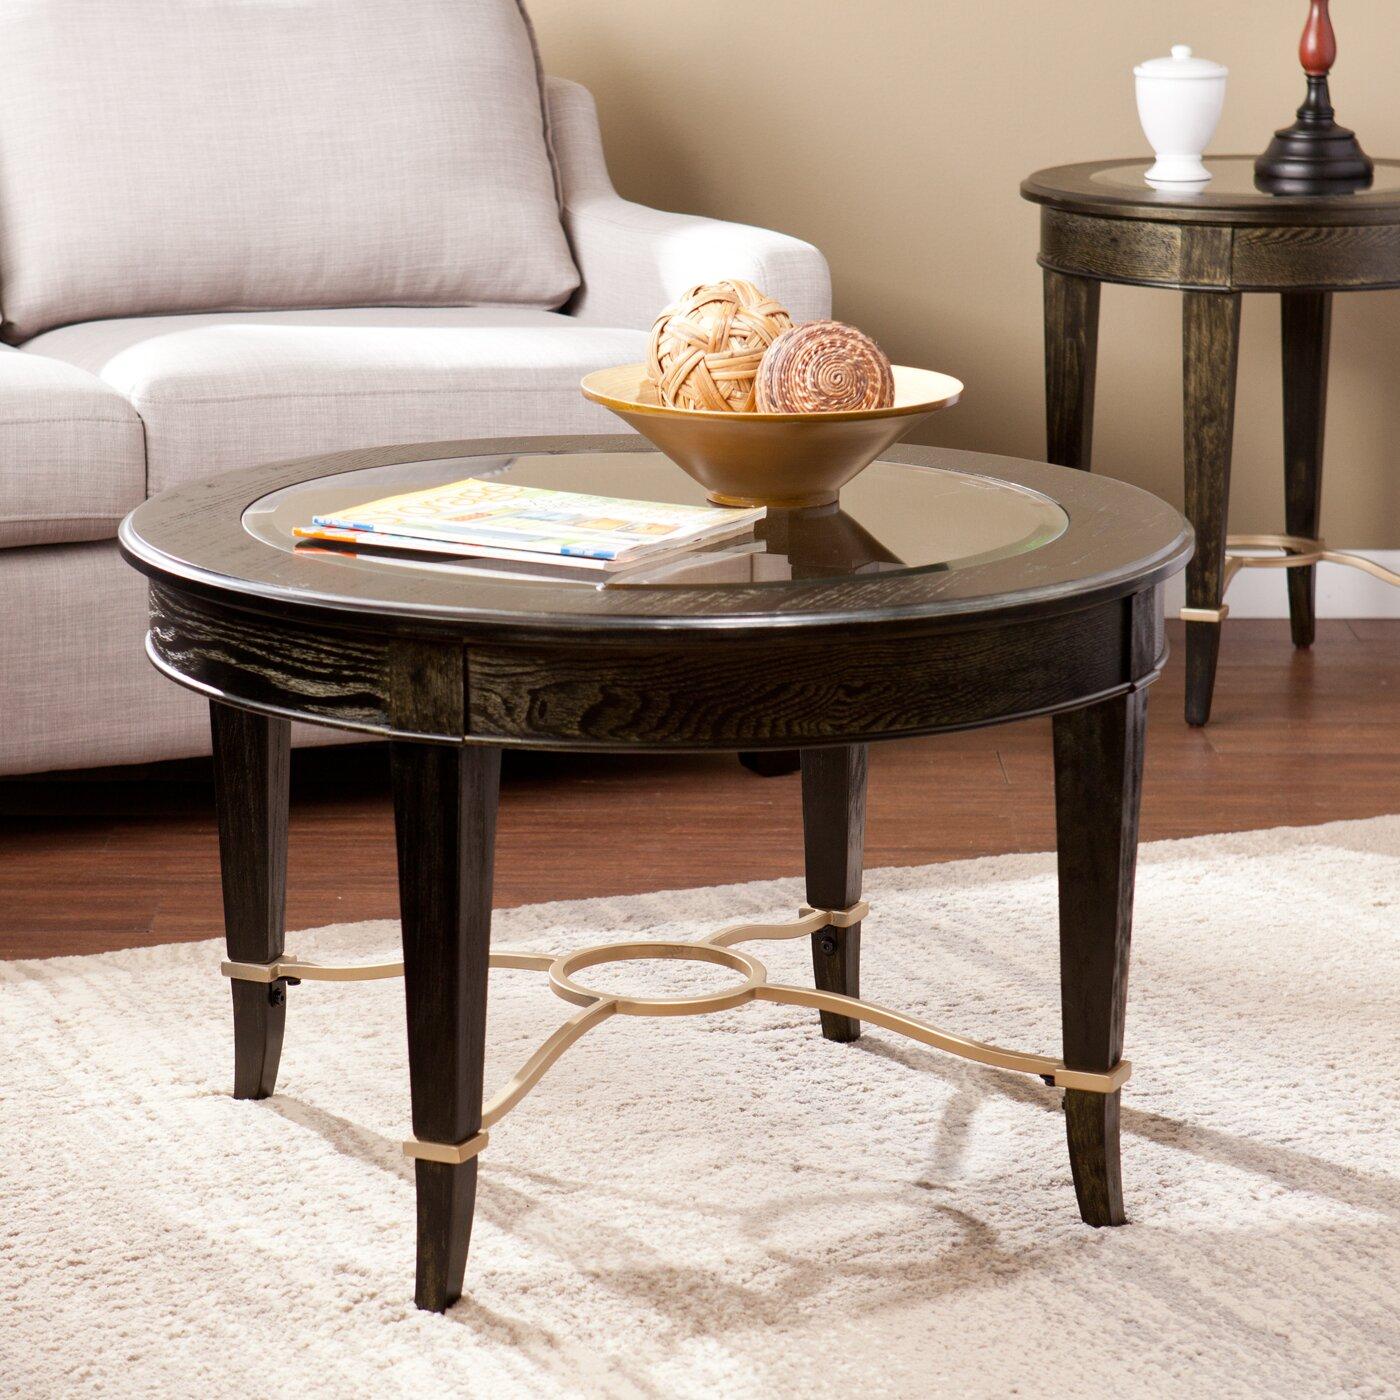 Wayfair Table: Mercer41 Margaret Coffee Table